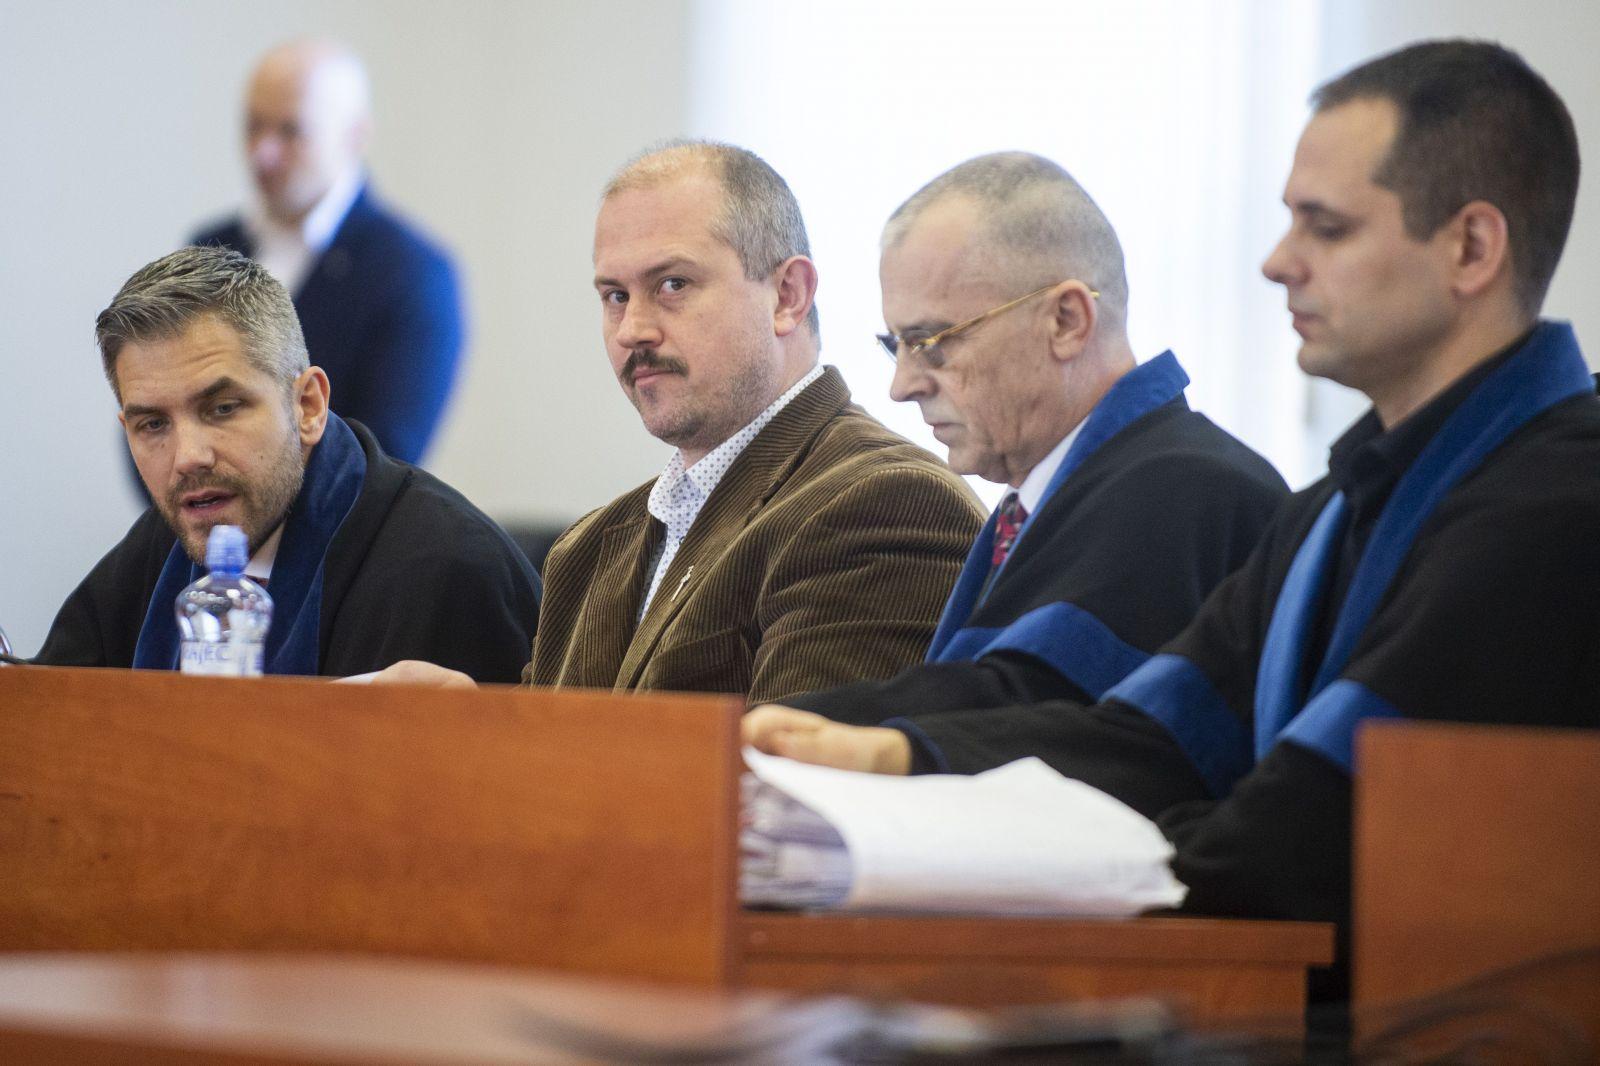 Hádka v súdnej sieni. Obhajoba Mariana Kotlebu sa dostala do sporu so sudkyňou